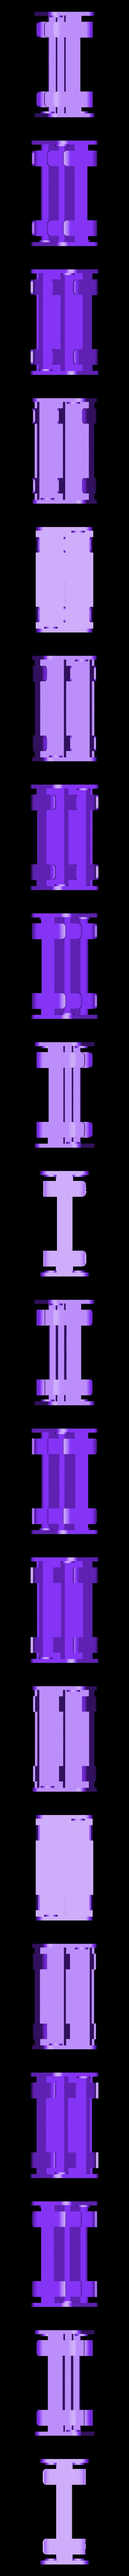 4_x_aa_battery_holder_v1_v1.stl Télécharger fichier STL gratuit 4x support de pile AA / boîtier • Modèle à imprimer en 3D, 3DED